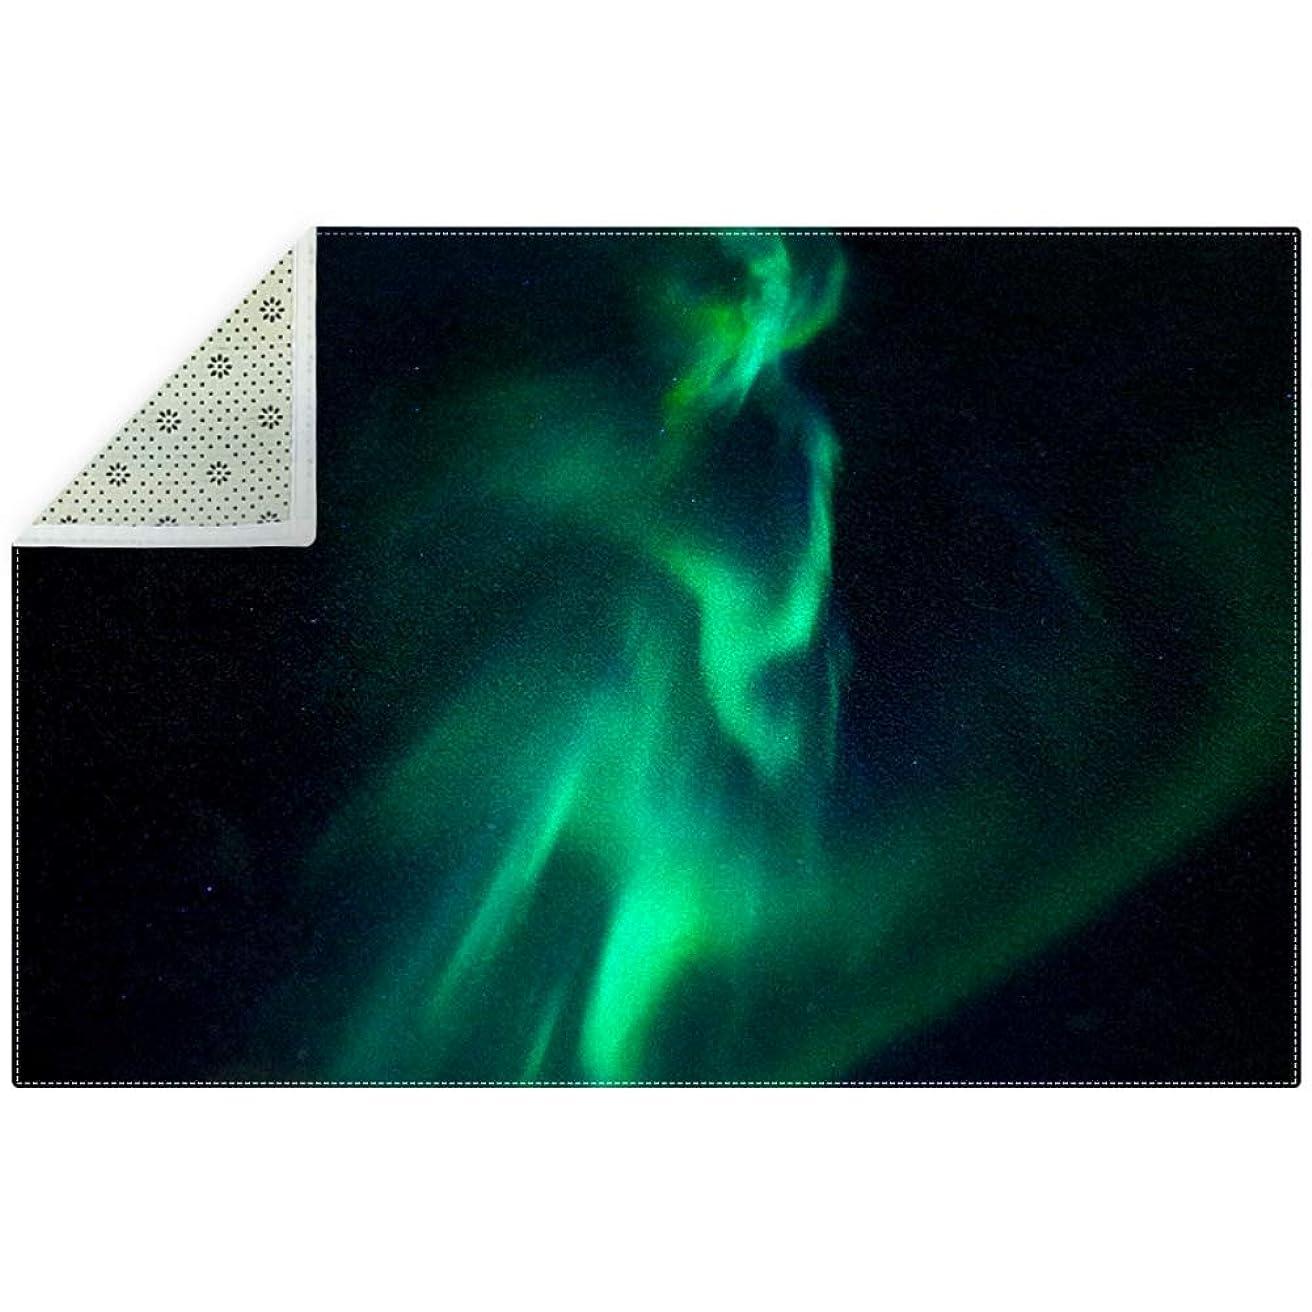 アンドリューハリディゴールミンチAyuStyle ラグ カーペット ラグマット オーロラ 輝く 緑 絨毯 マイクロファイバー 滑り止め 洗える ウォッシャブル ホットカーペット対応 フロアマット 200×150cm